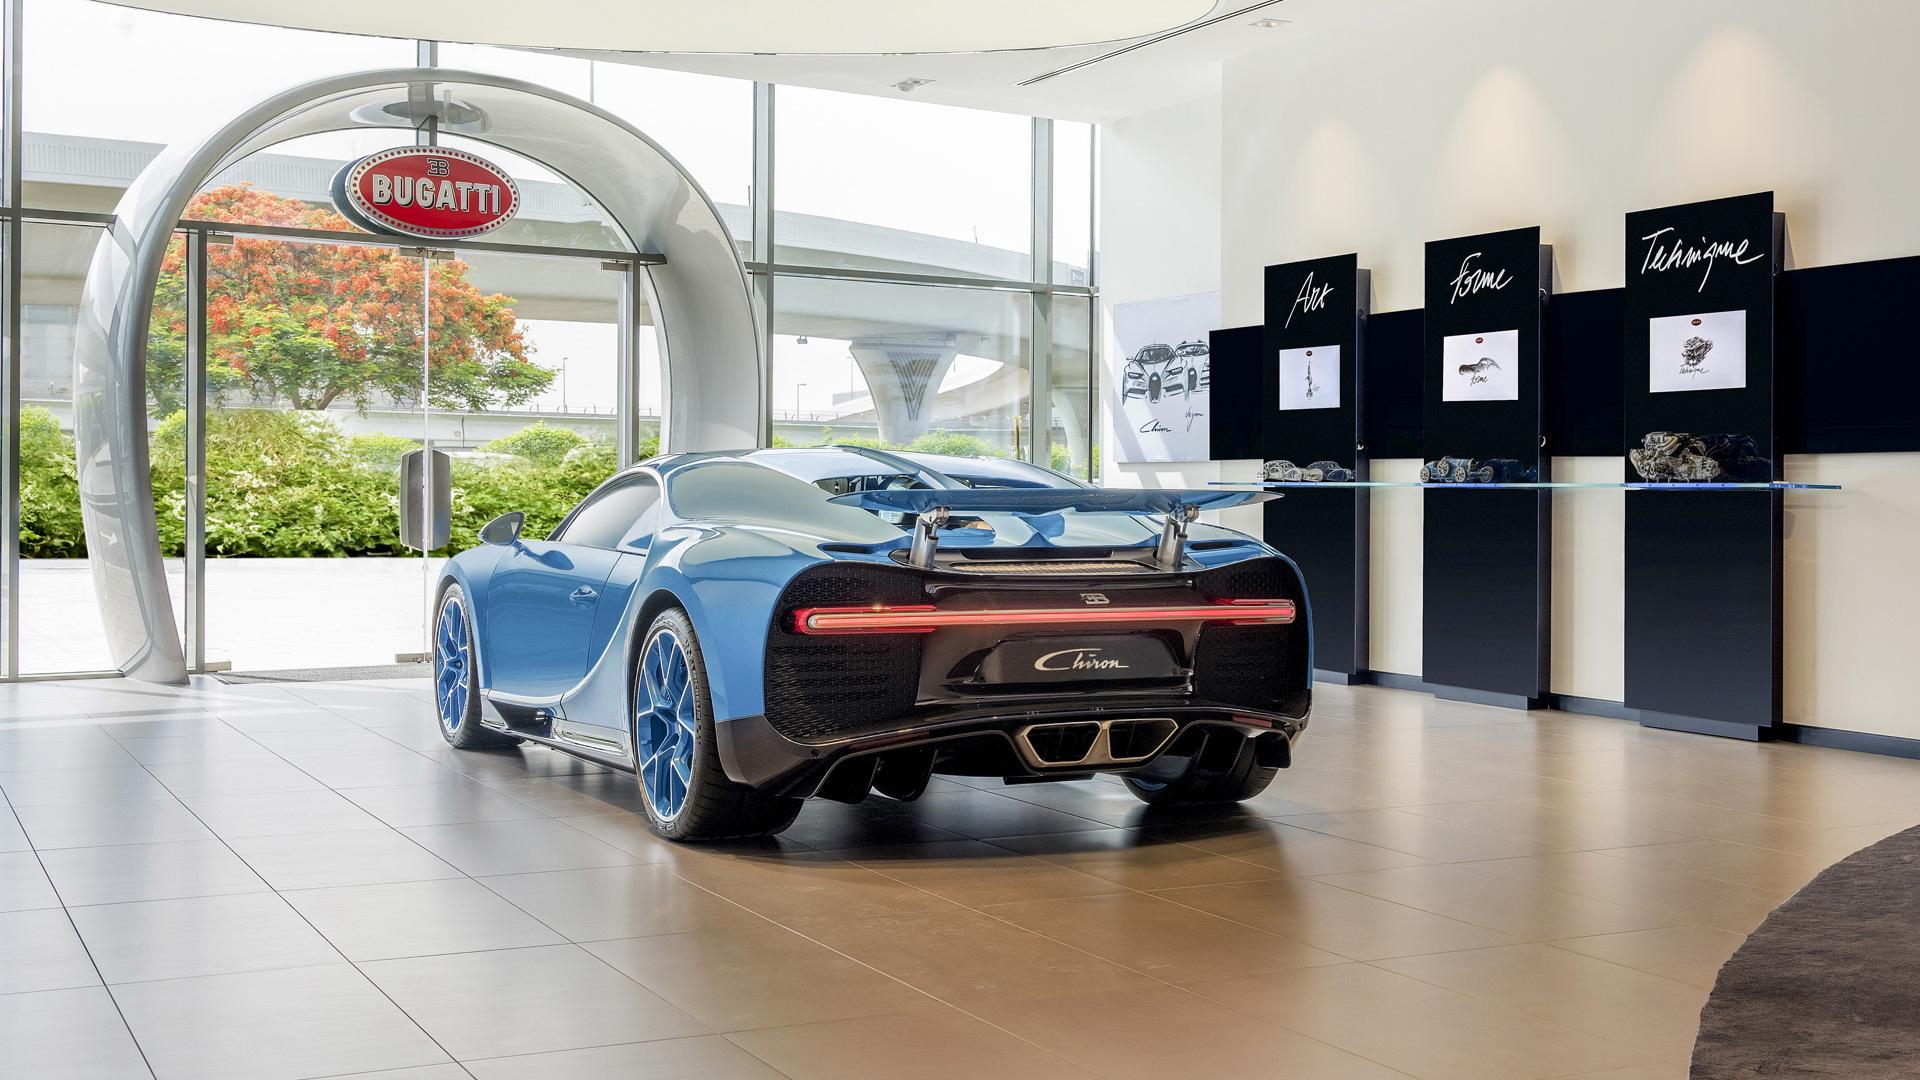 Bugatti showroom in Dubai